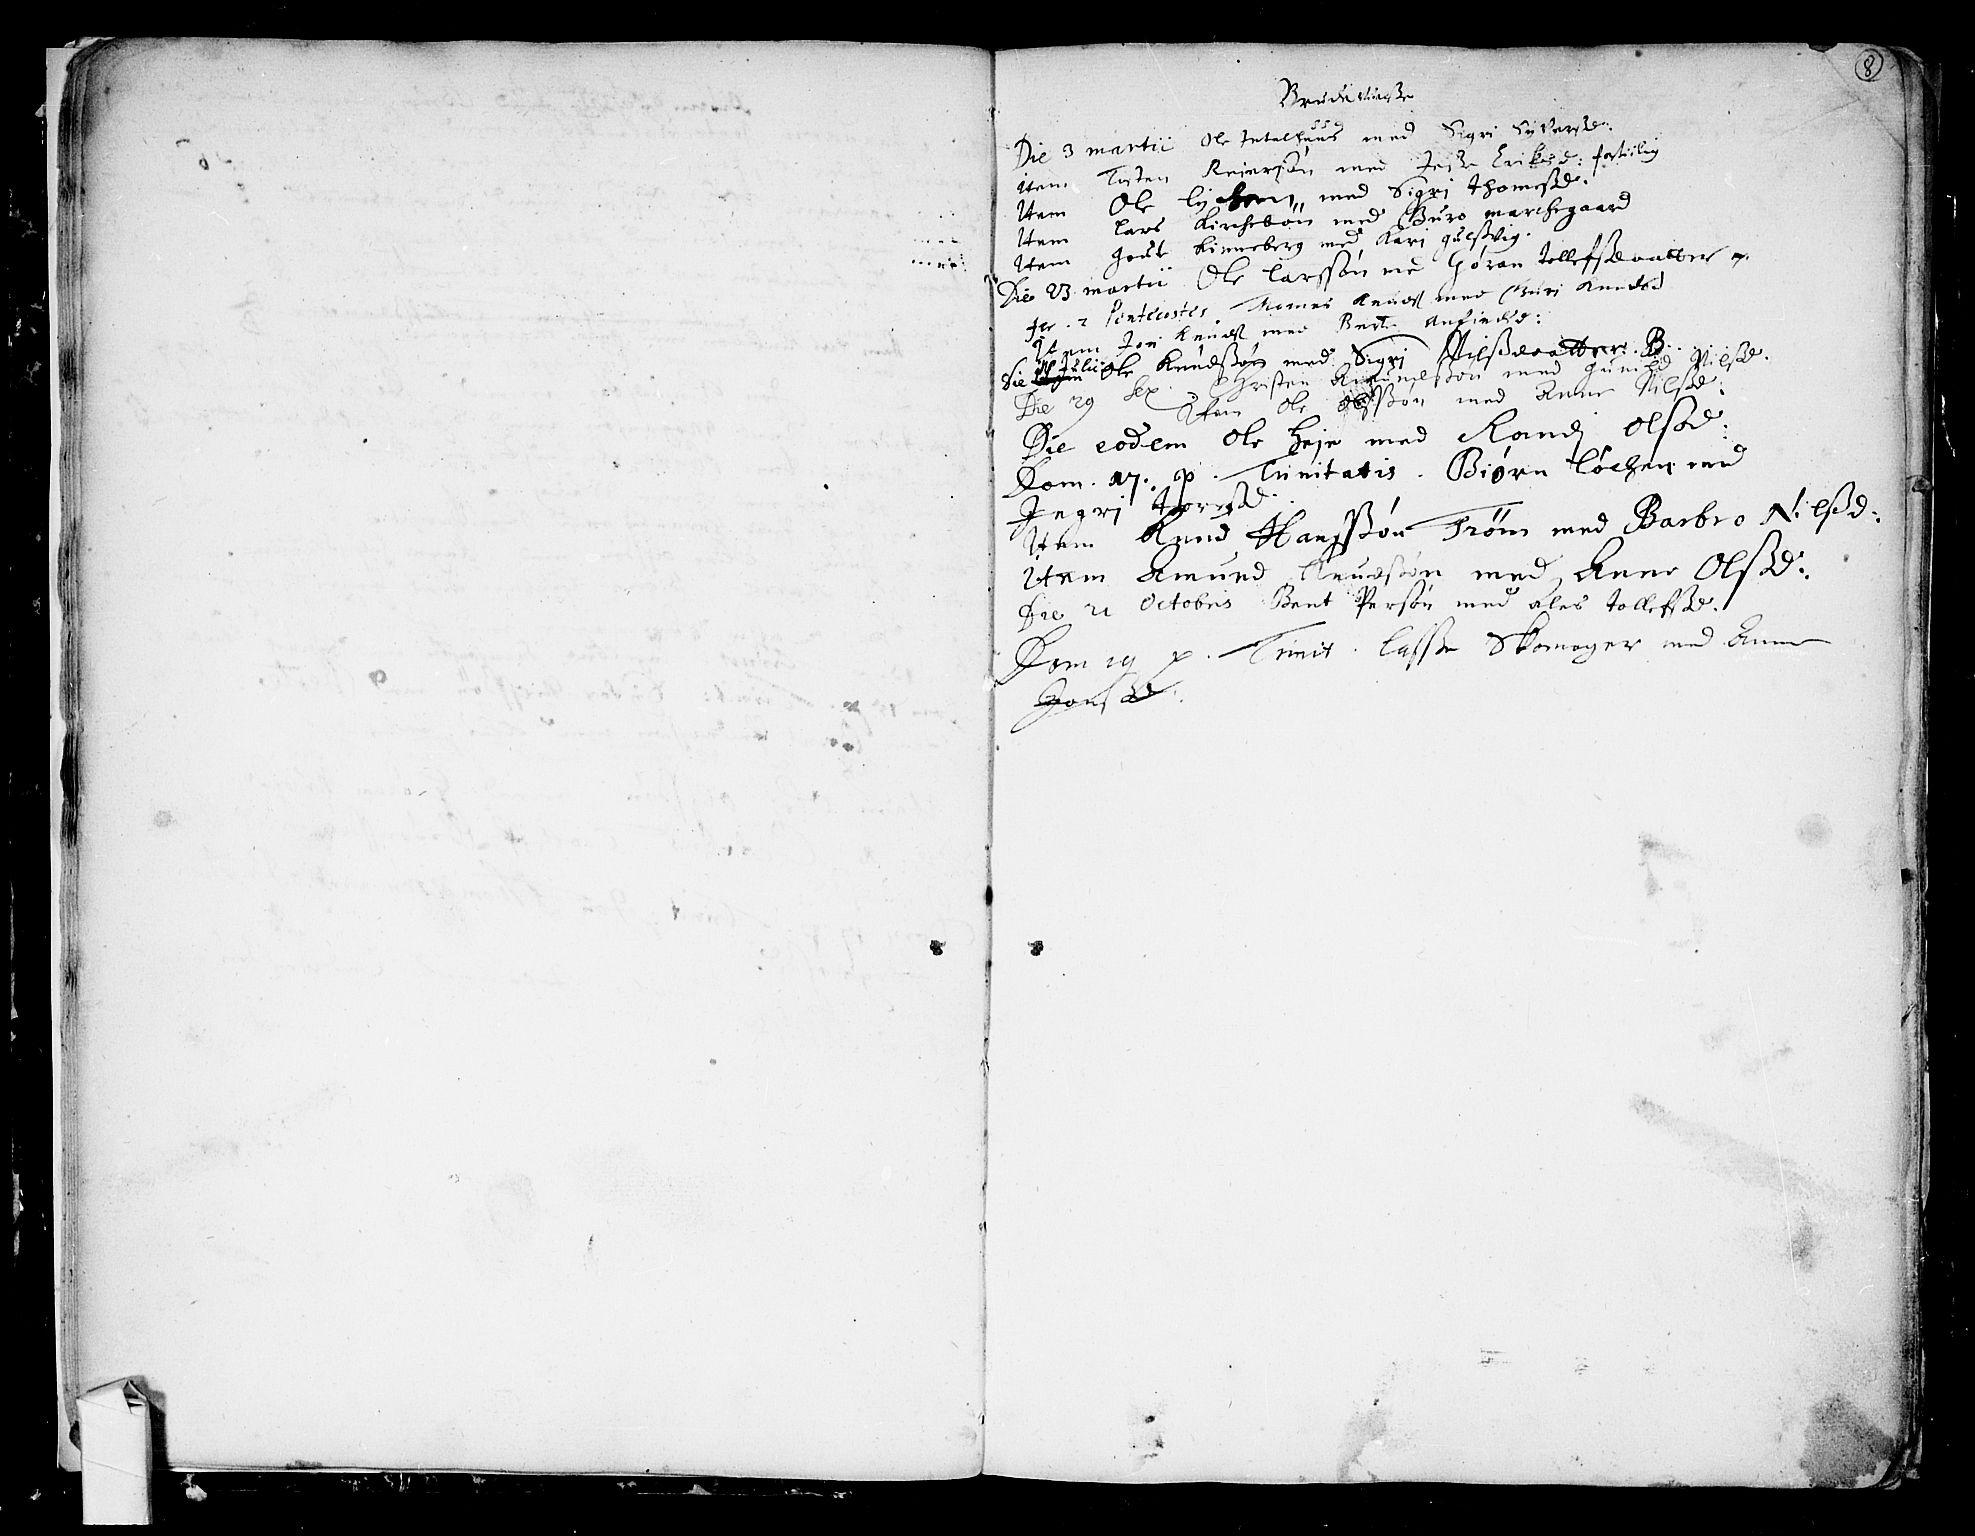 SAKO, Nes kirkebøker, F/Fa/L0001: Ministerialbok nr. 1, 1693-1706, s. 8